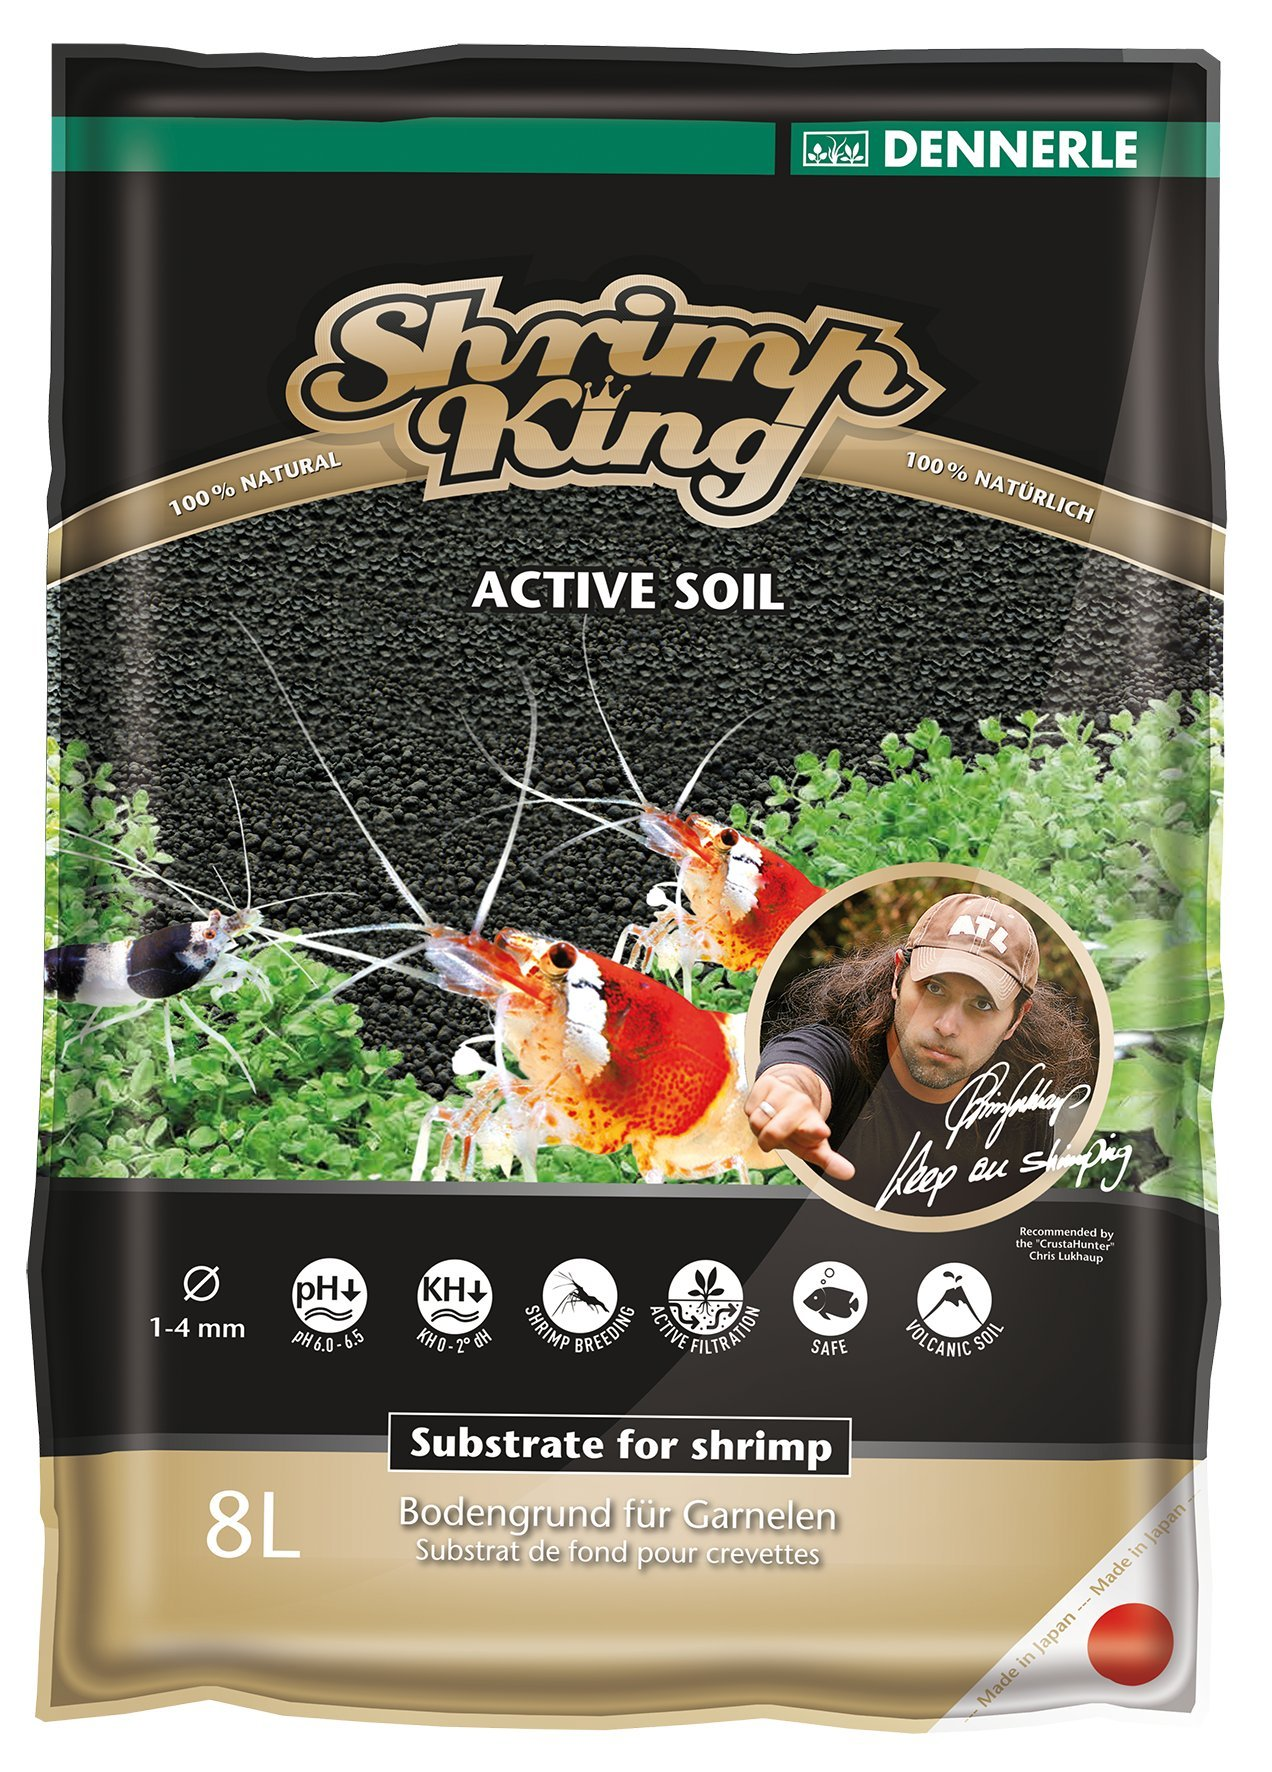 Dennerle Shrimp King Active Soil - 8L Bag by Dennerle